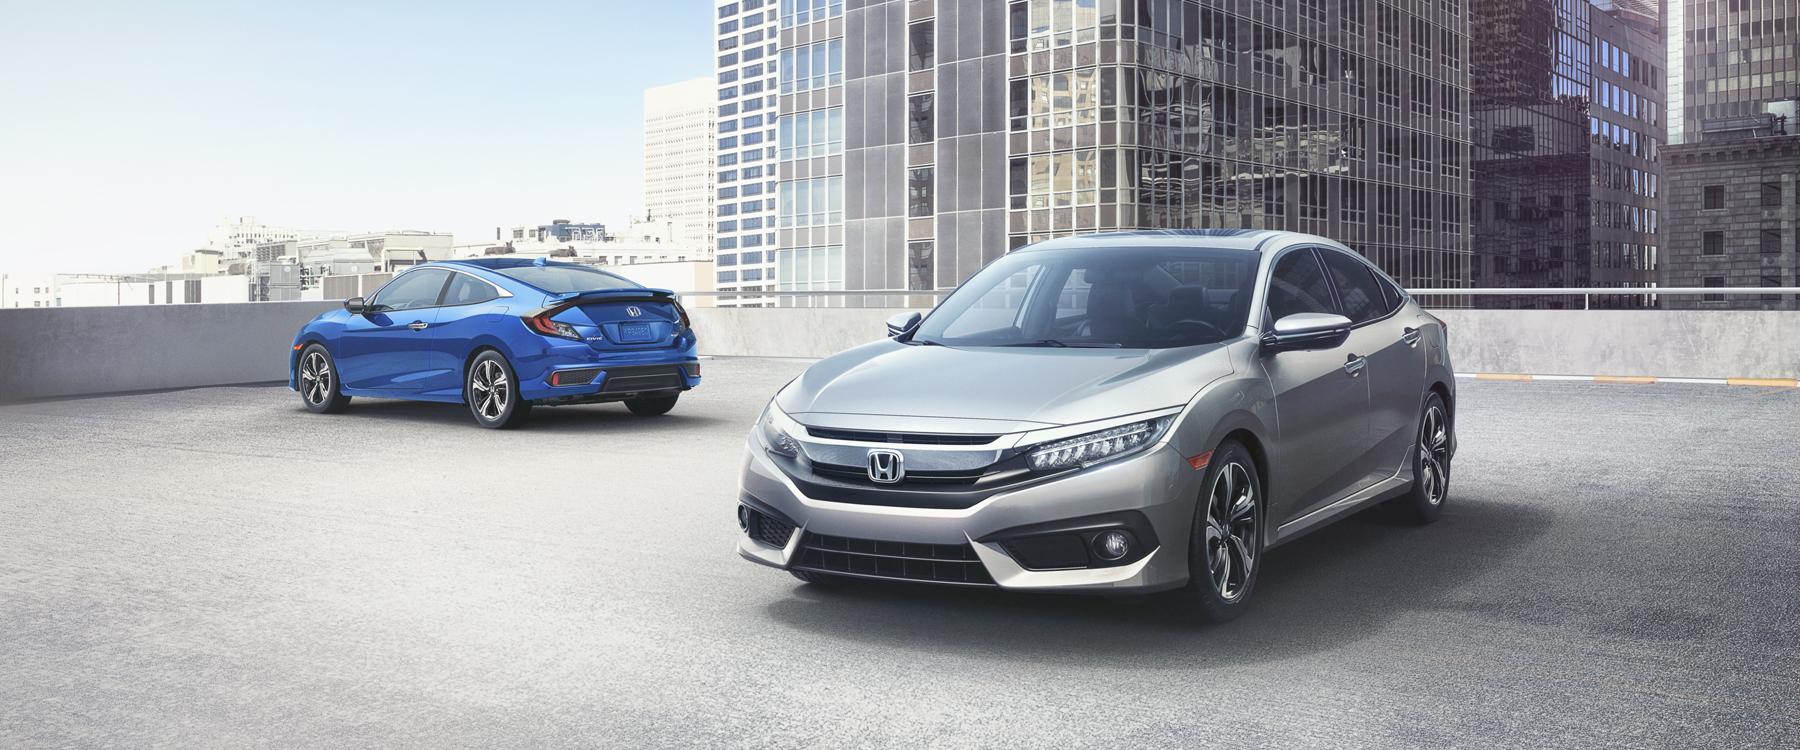 Shop the safest sedans at metro milwaukee honda dealers for Honda civic dealer